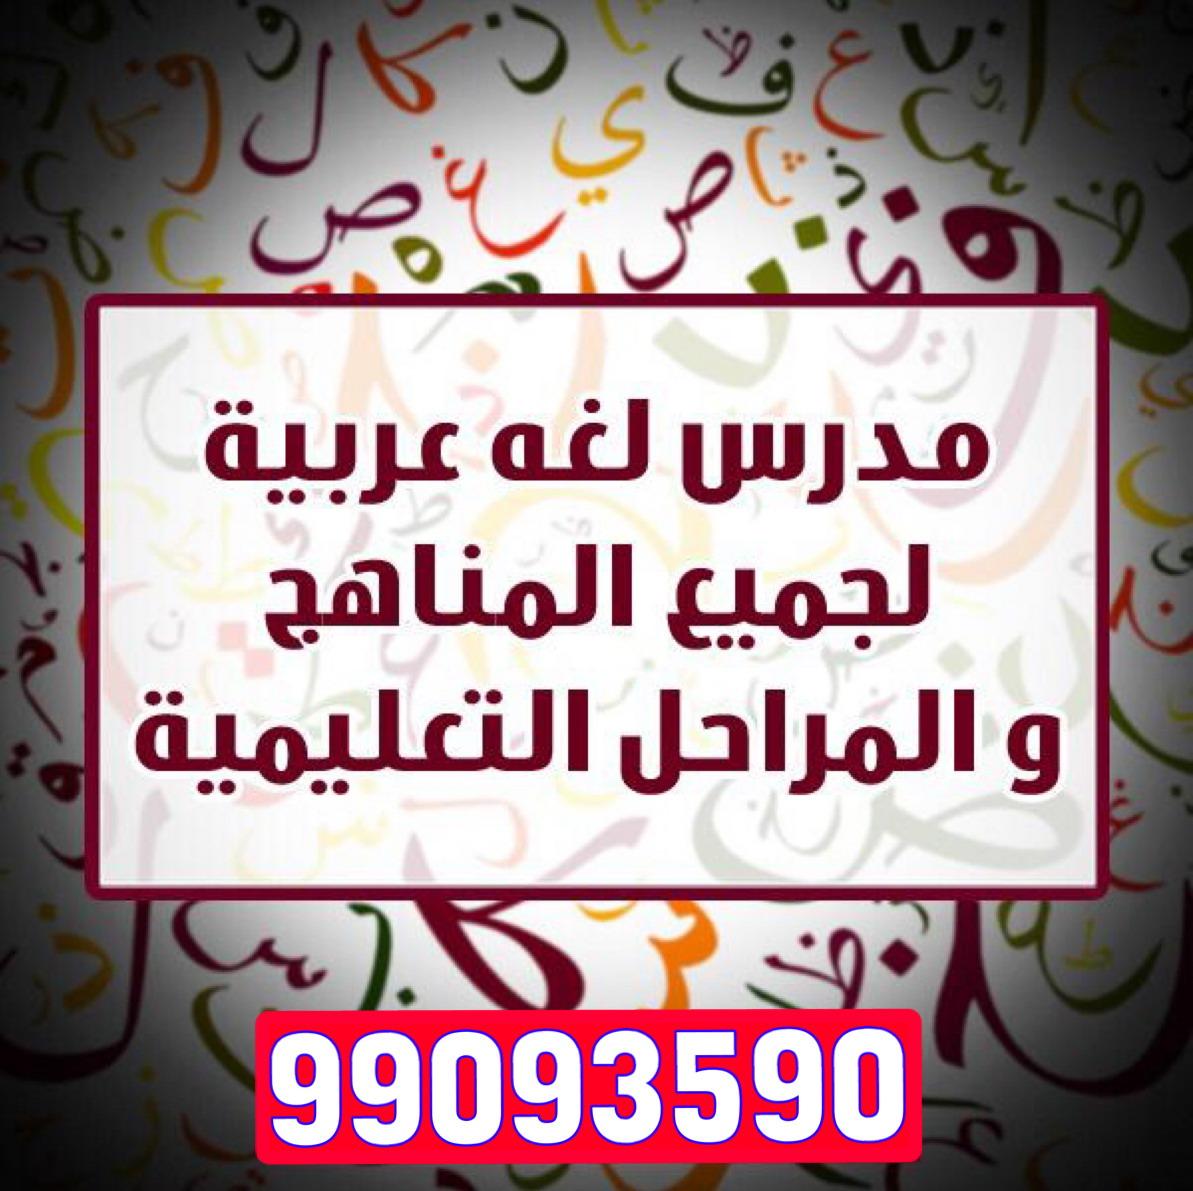 مدرس لغة عربية 99093590